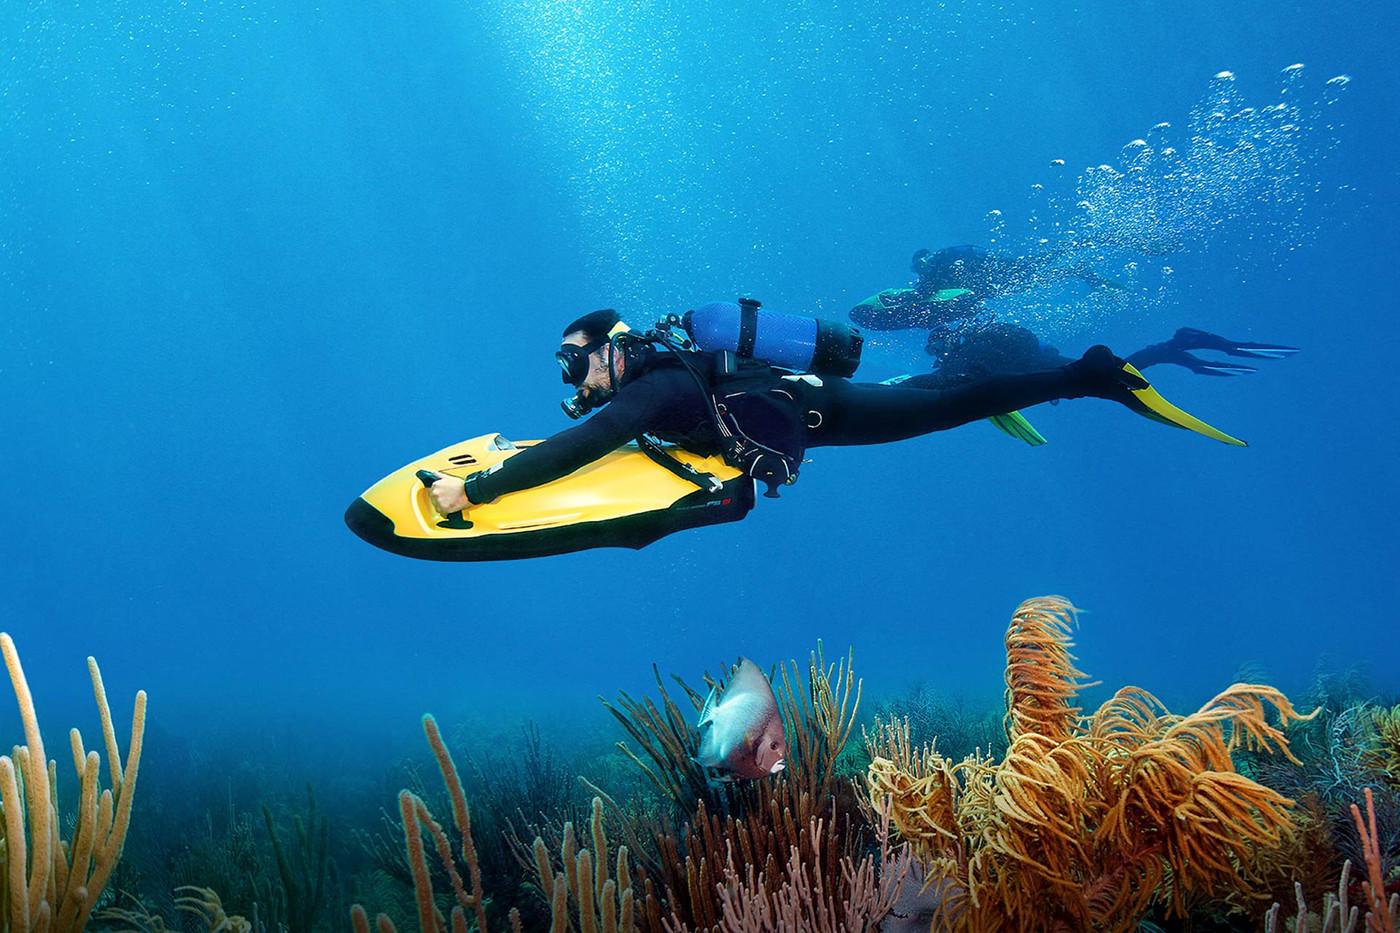 SEABOB-diving-under-water.jpg